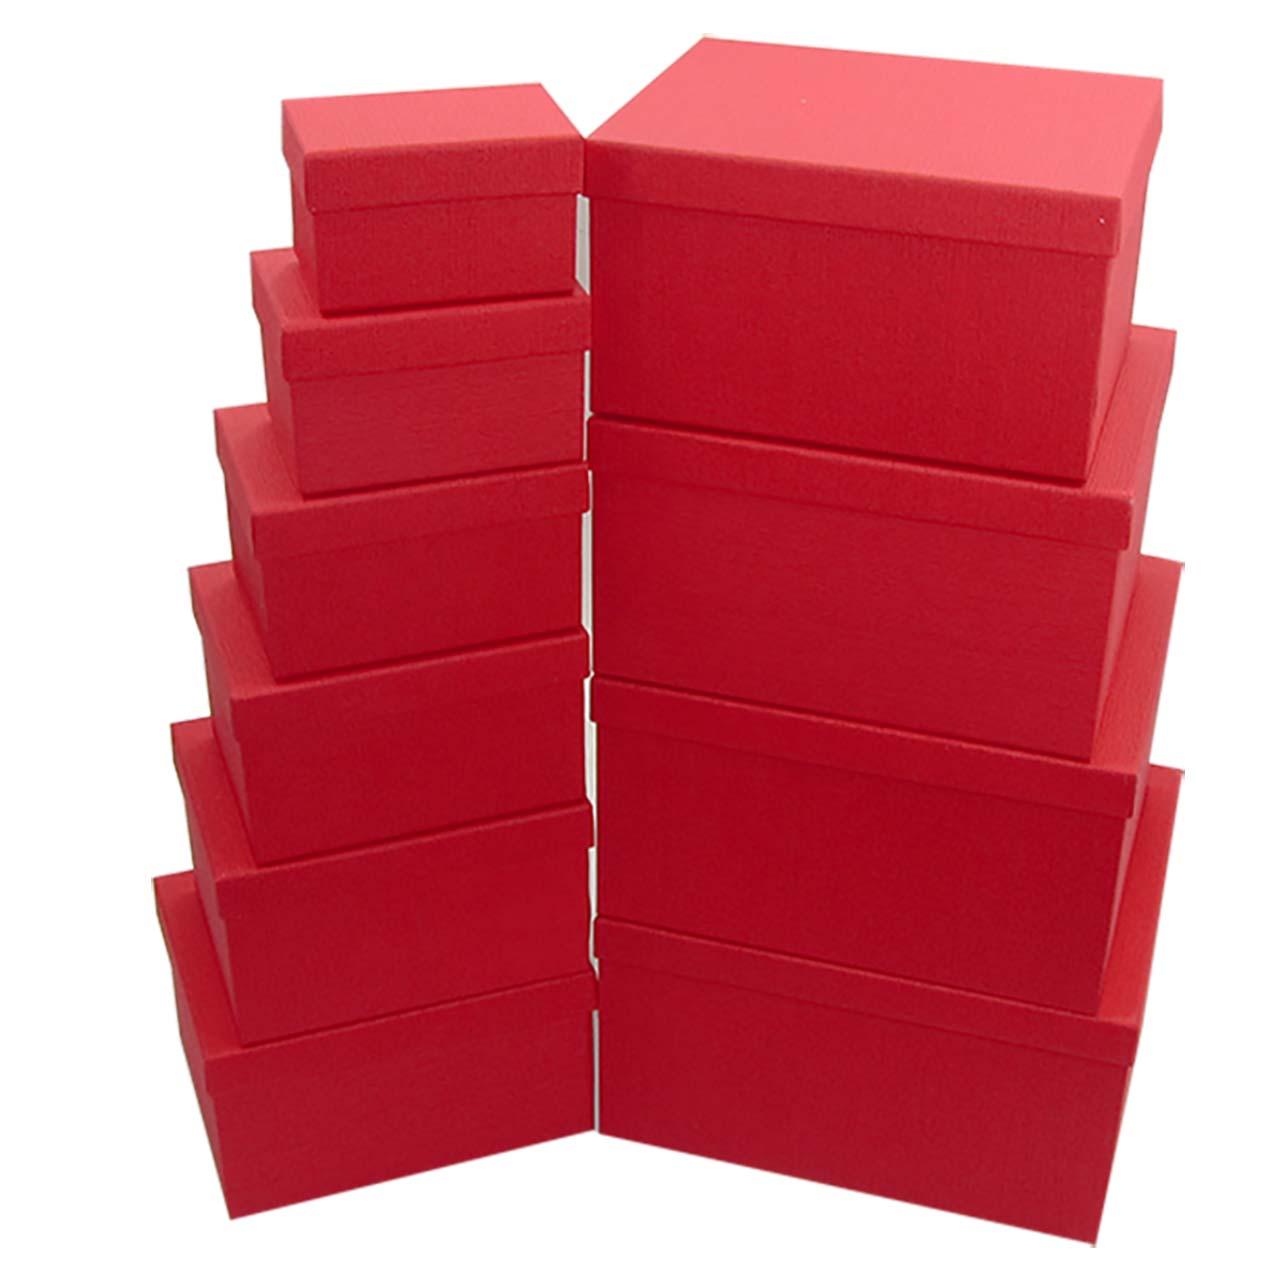 جعبه هدیه مستطیل رزپک مدل607 مجموعه ده عددی